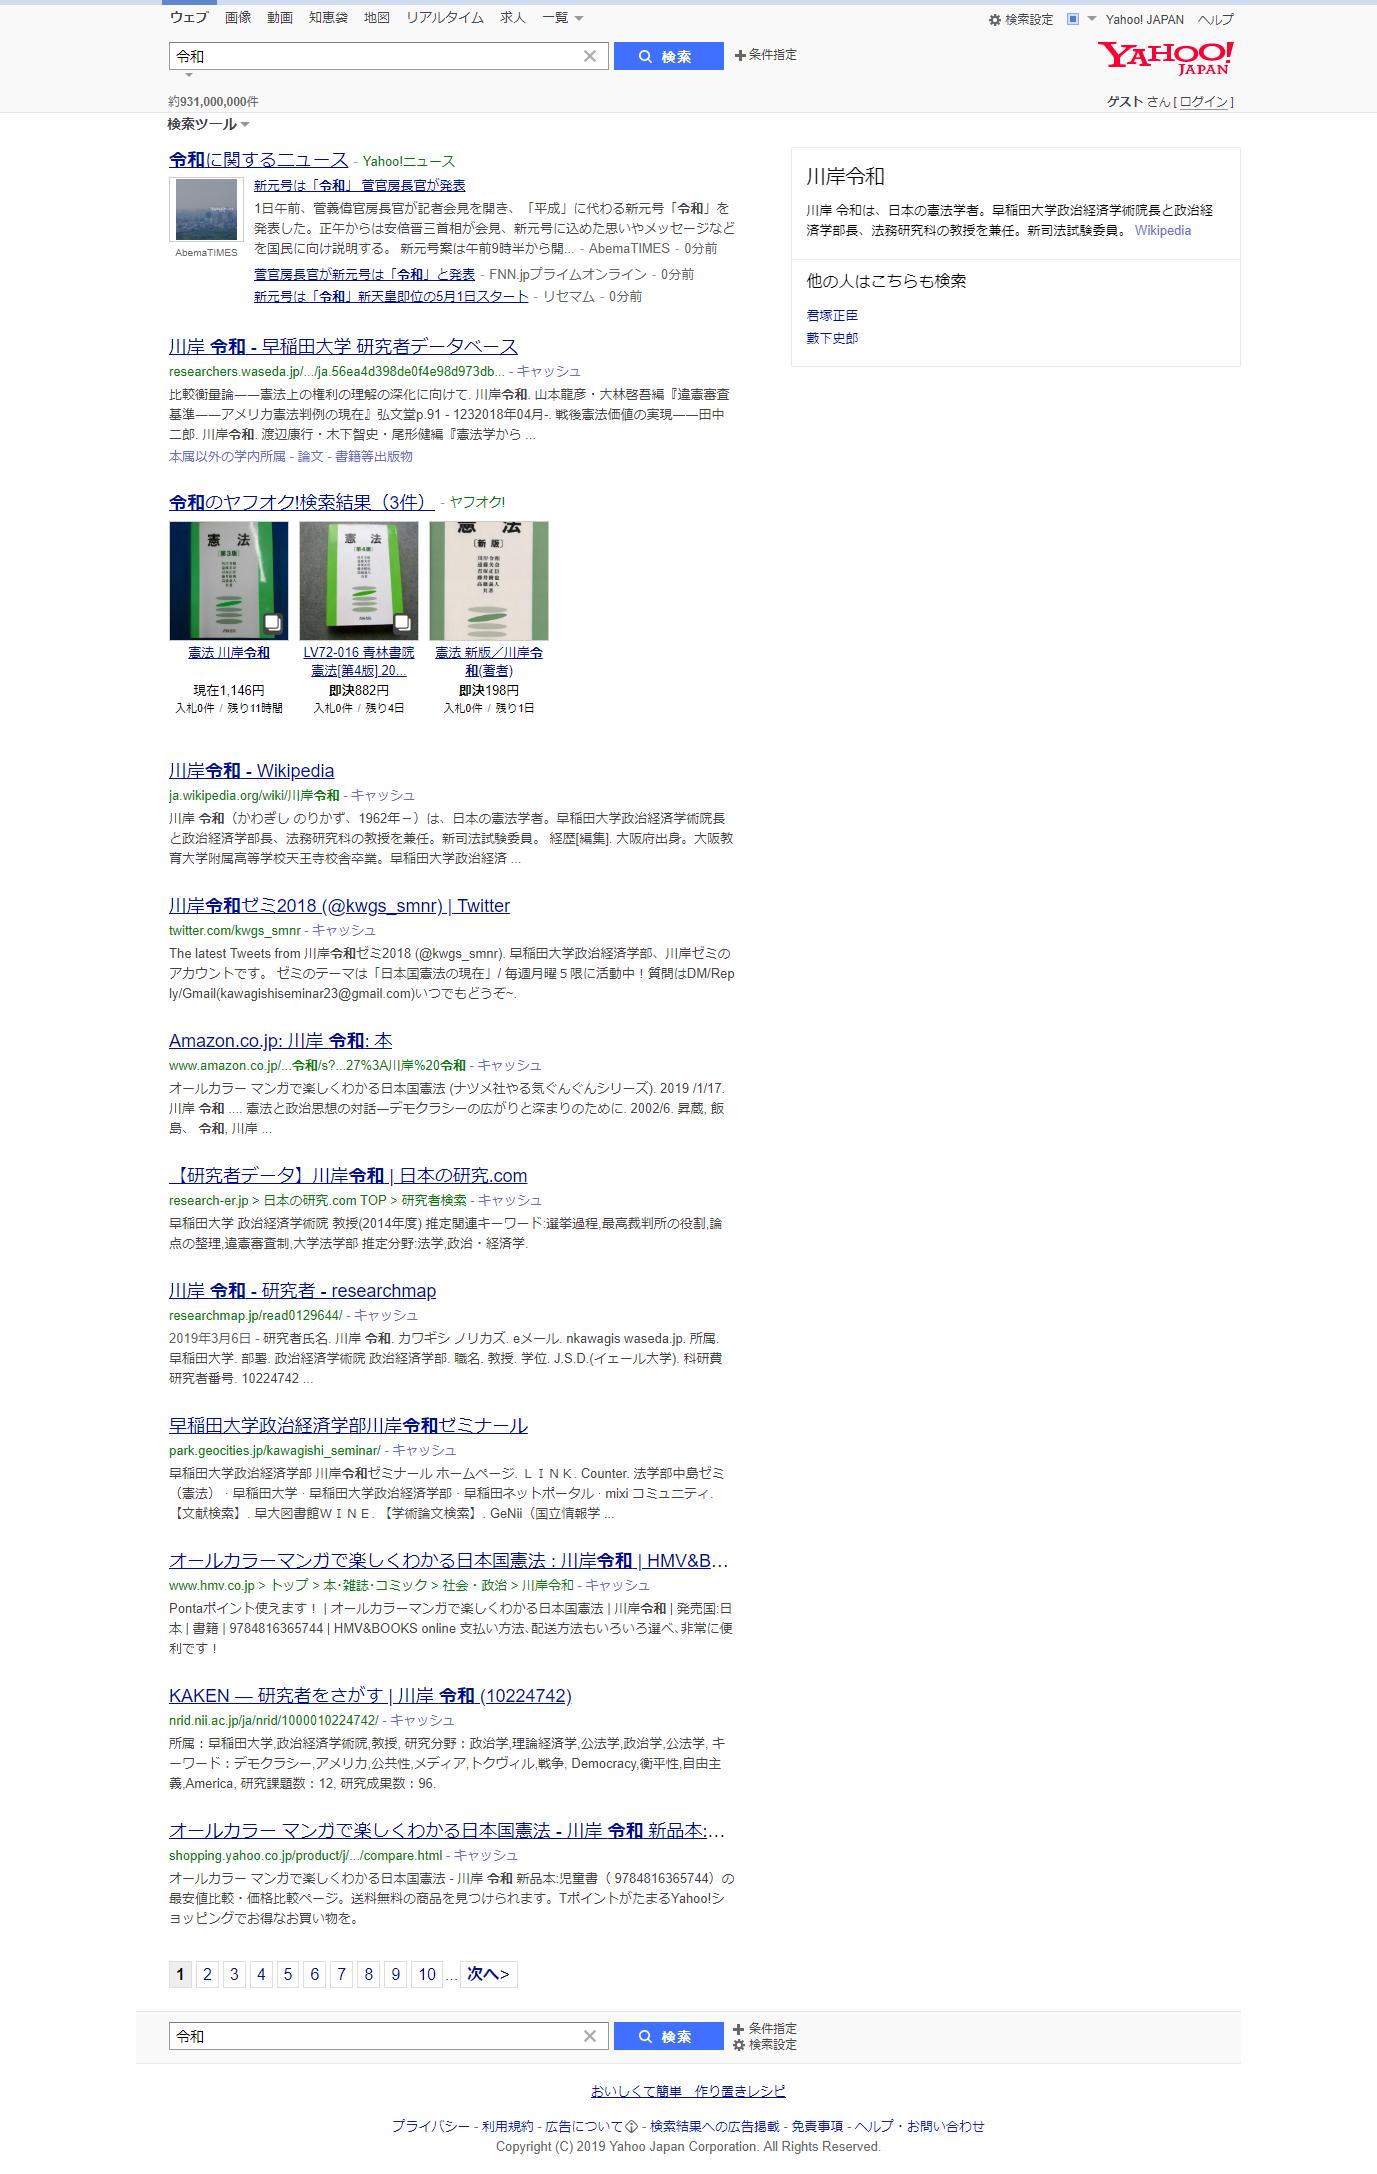 【Yahoo】「令和」11時41分(1ページ目)